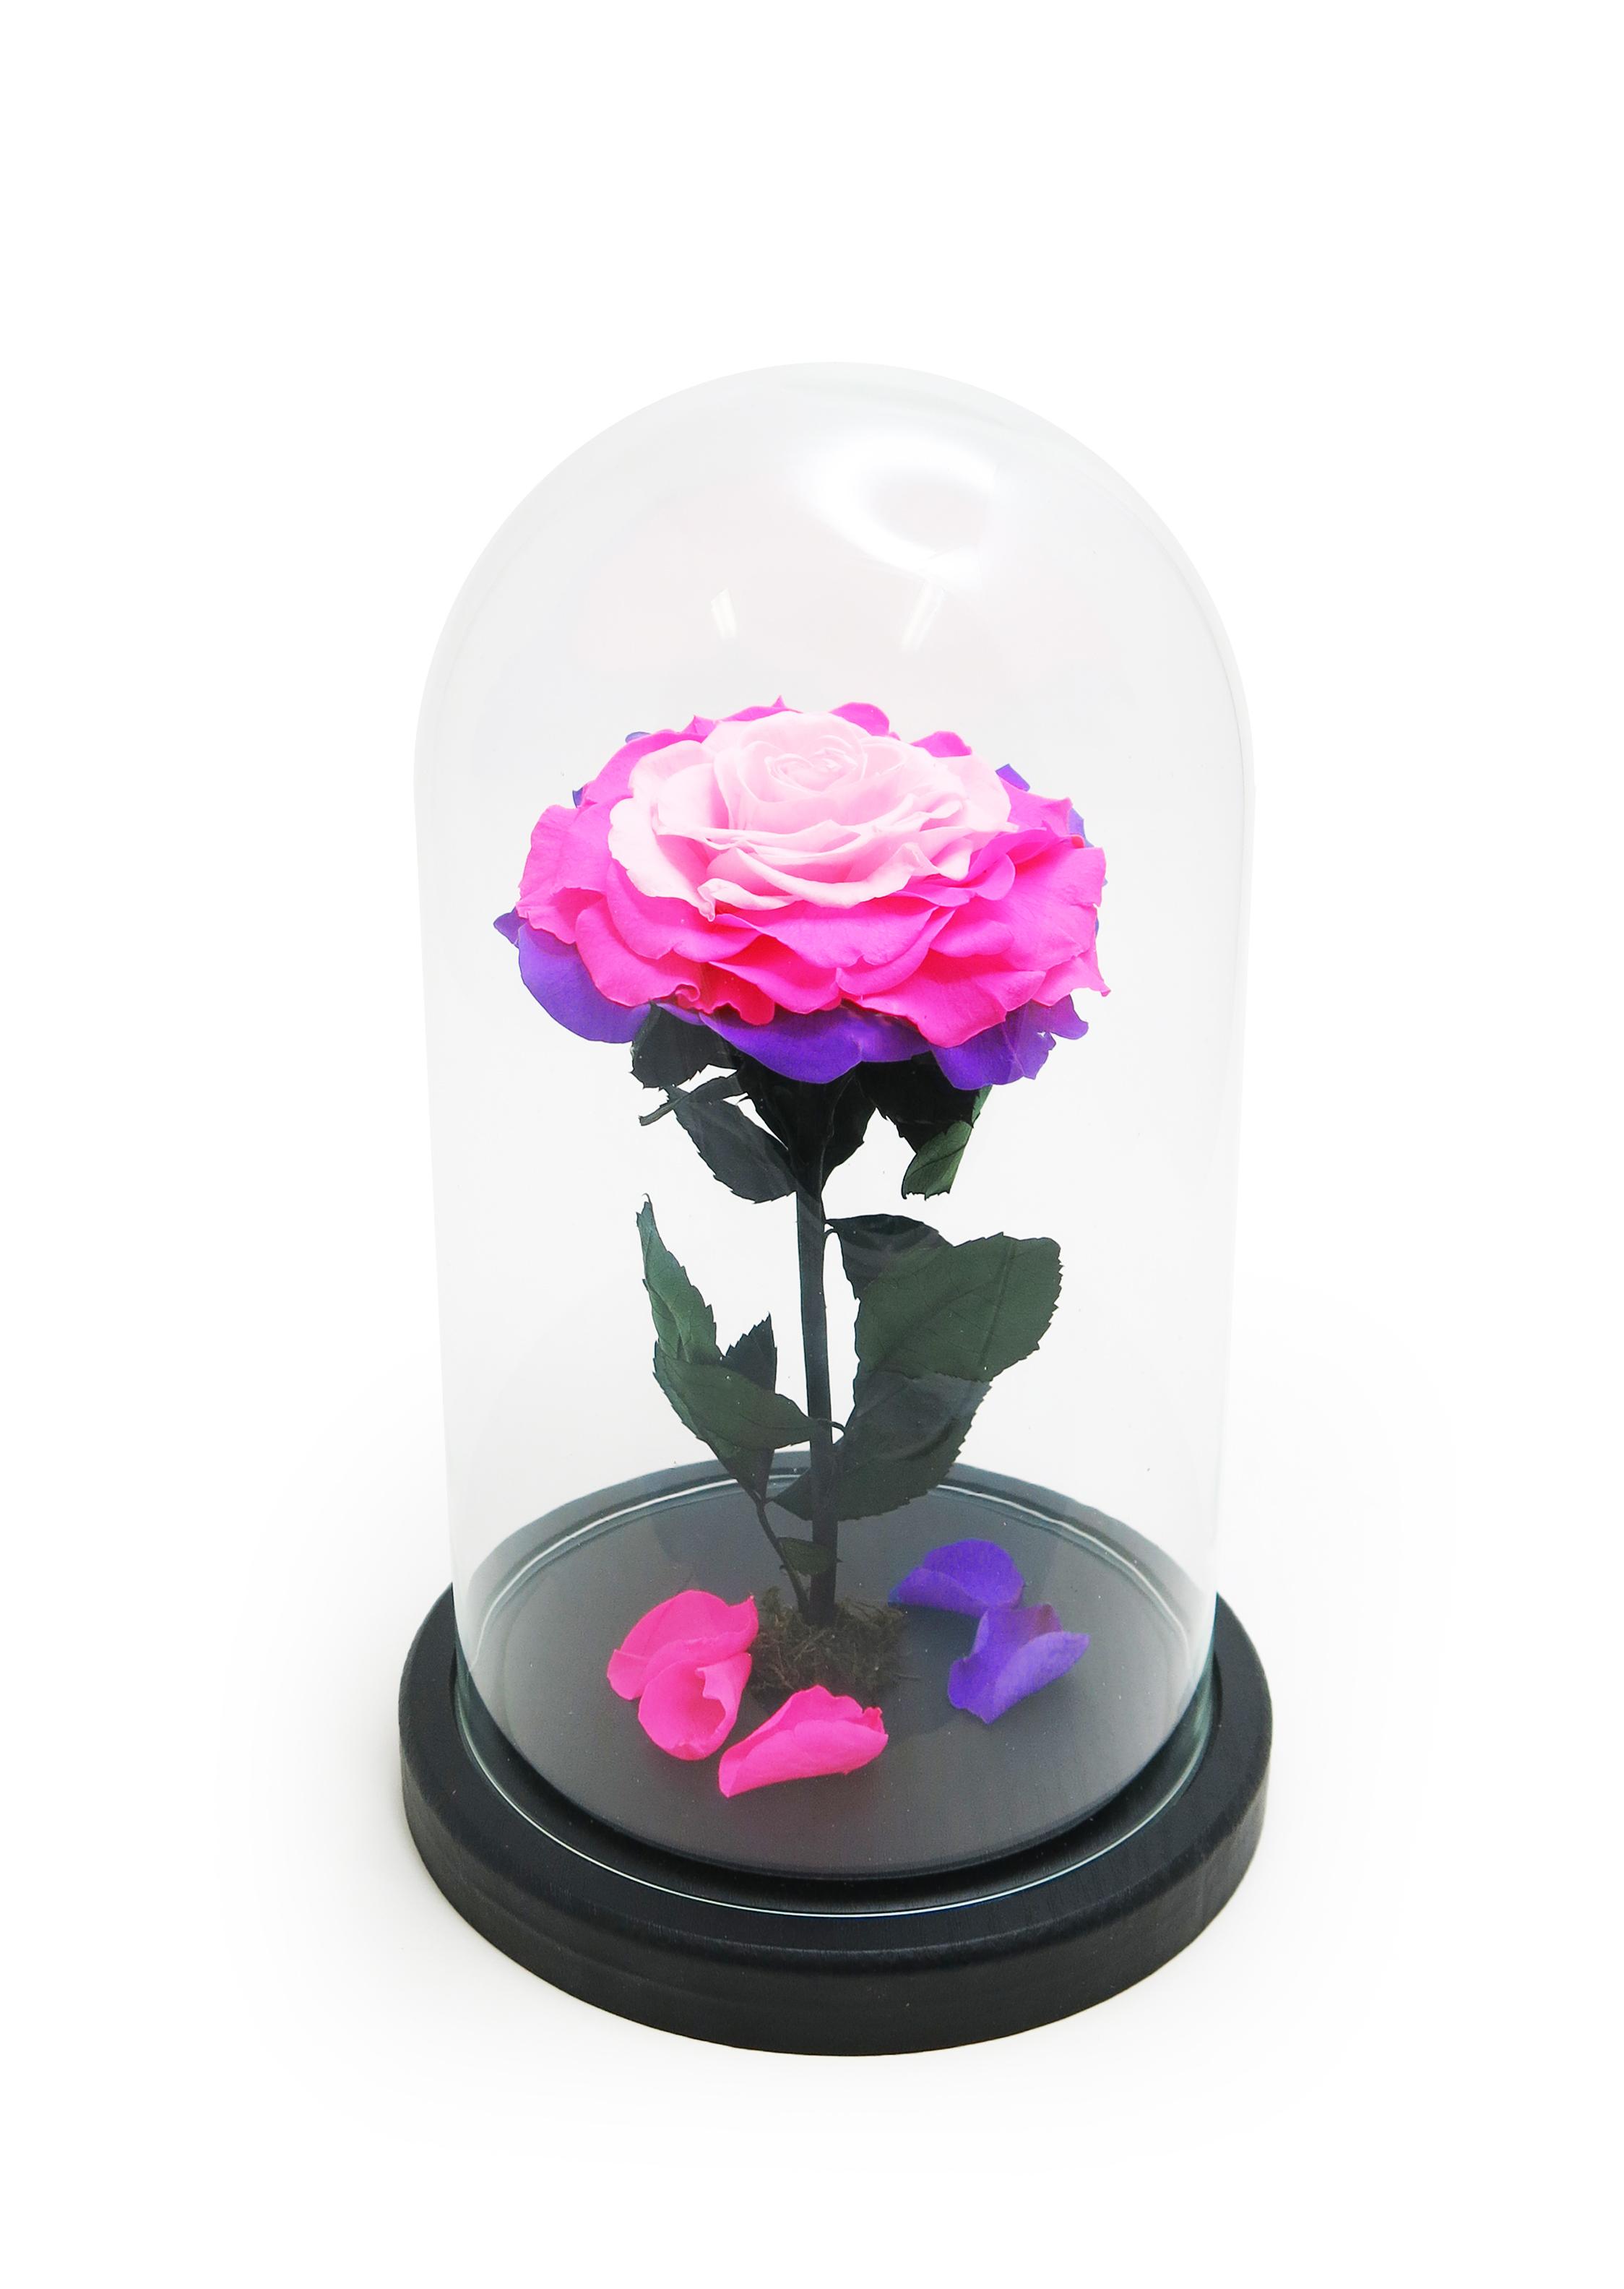 """Стабилизированная Роза в стеклянной колбе H26 D16 цвет бутона """"переход Лиловый, ярко-розовый, розовый"""""""